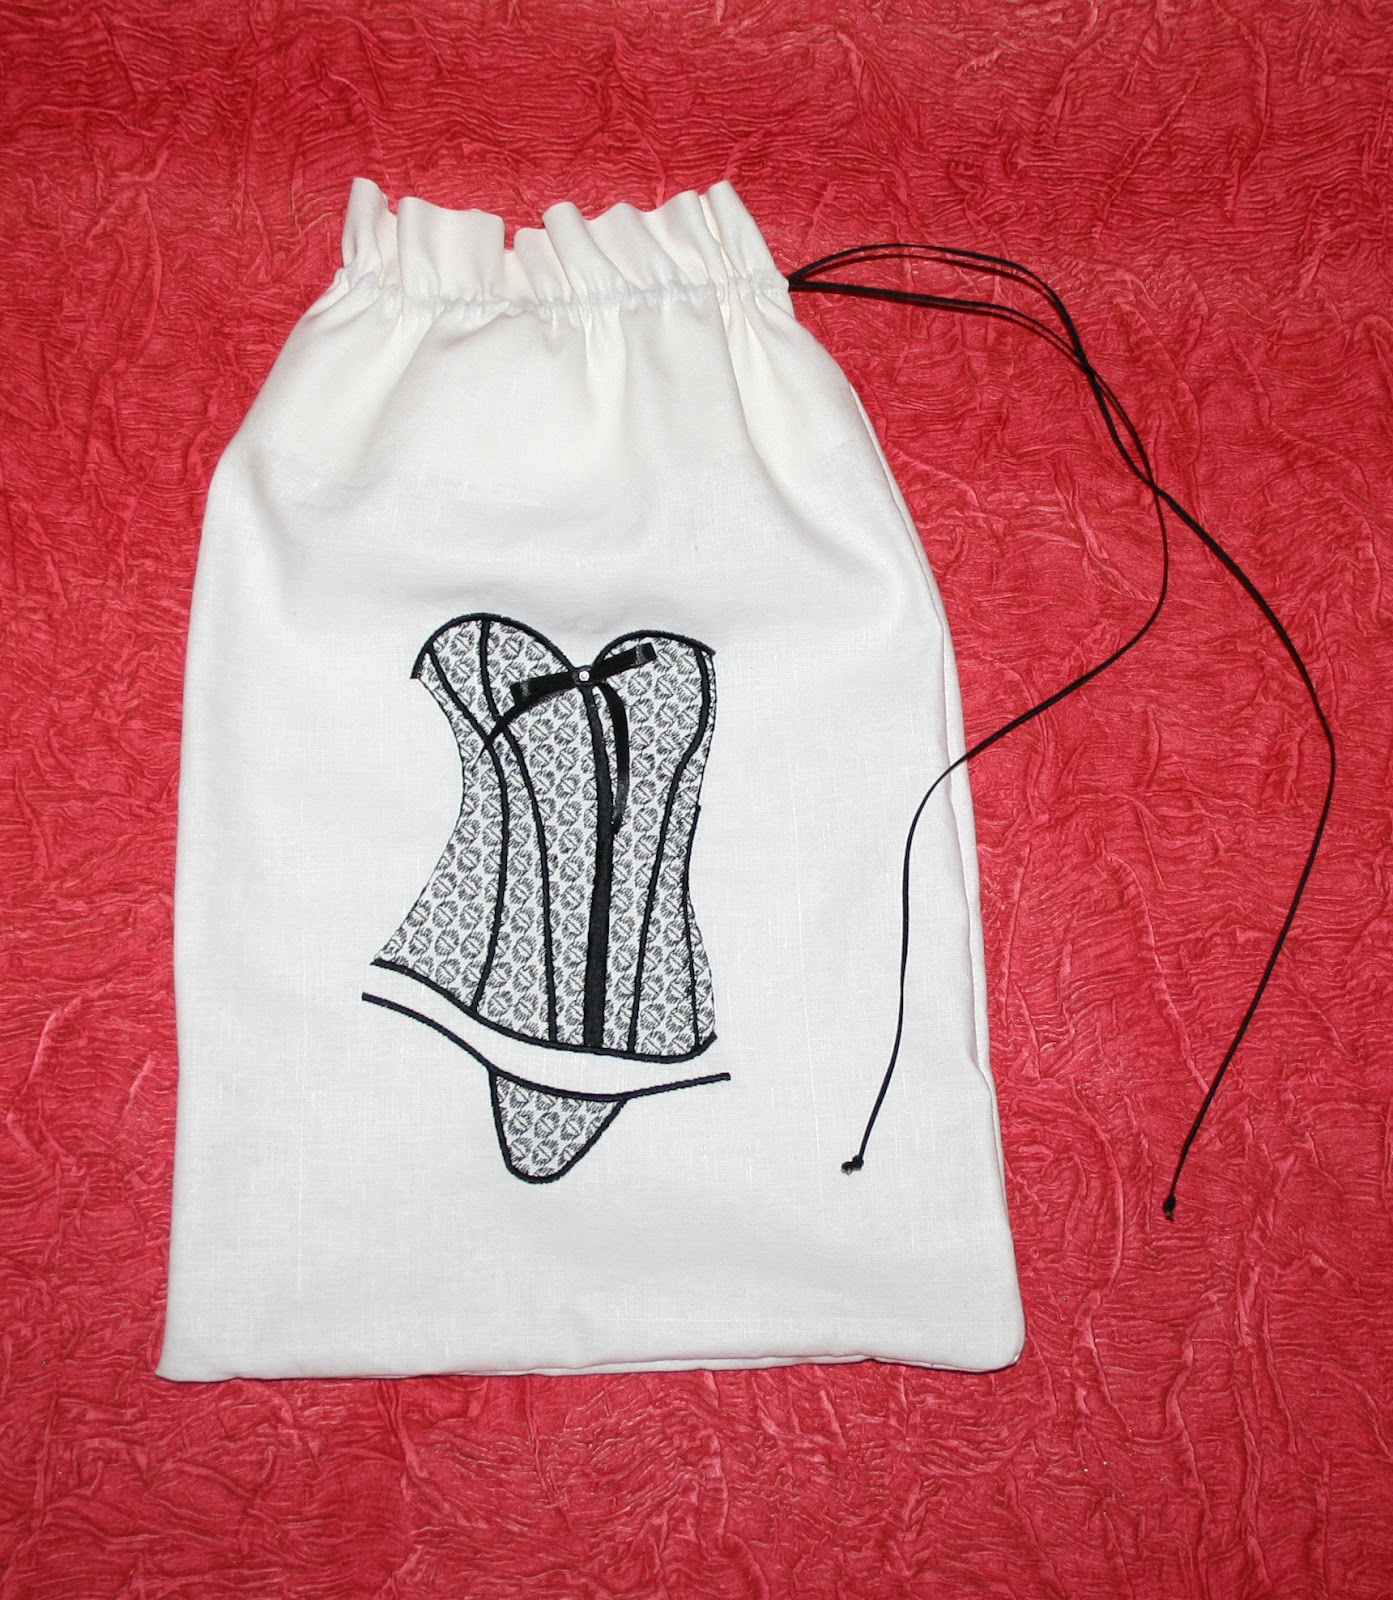 Вышивка на мешочек для белья 22